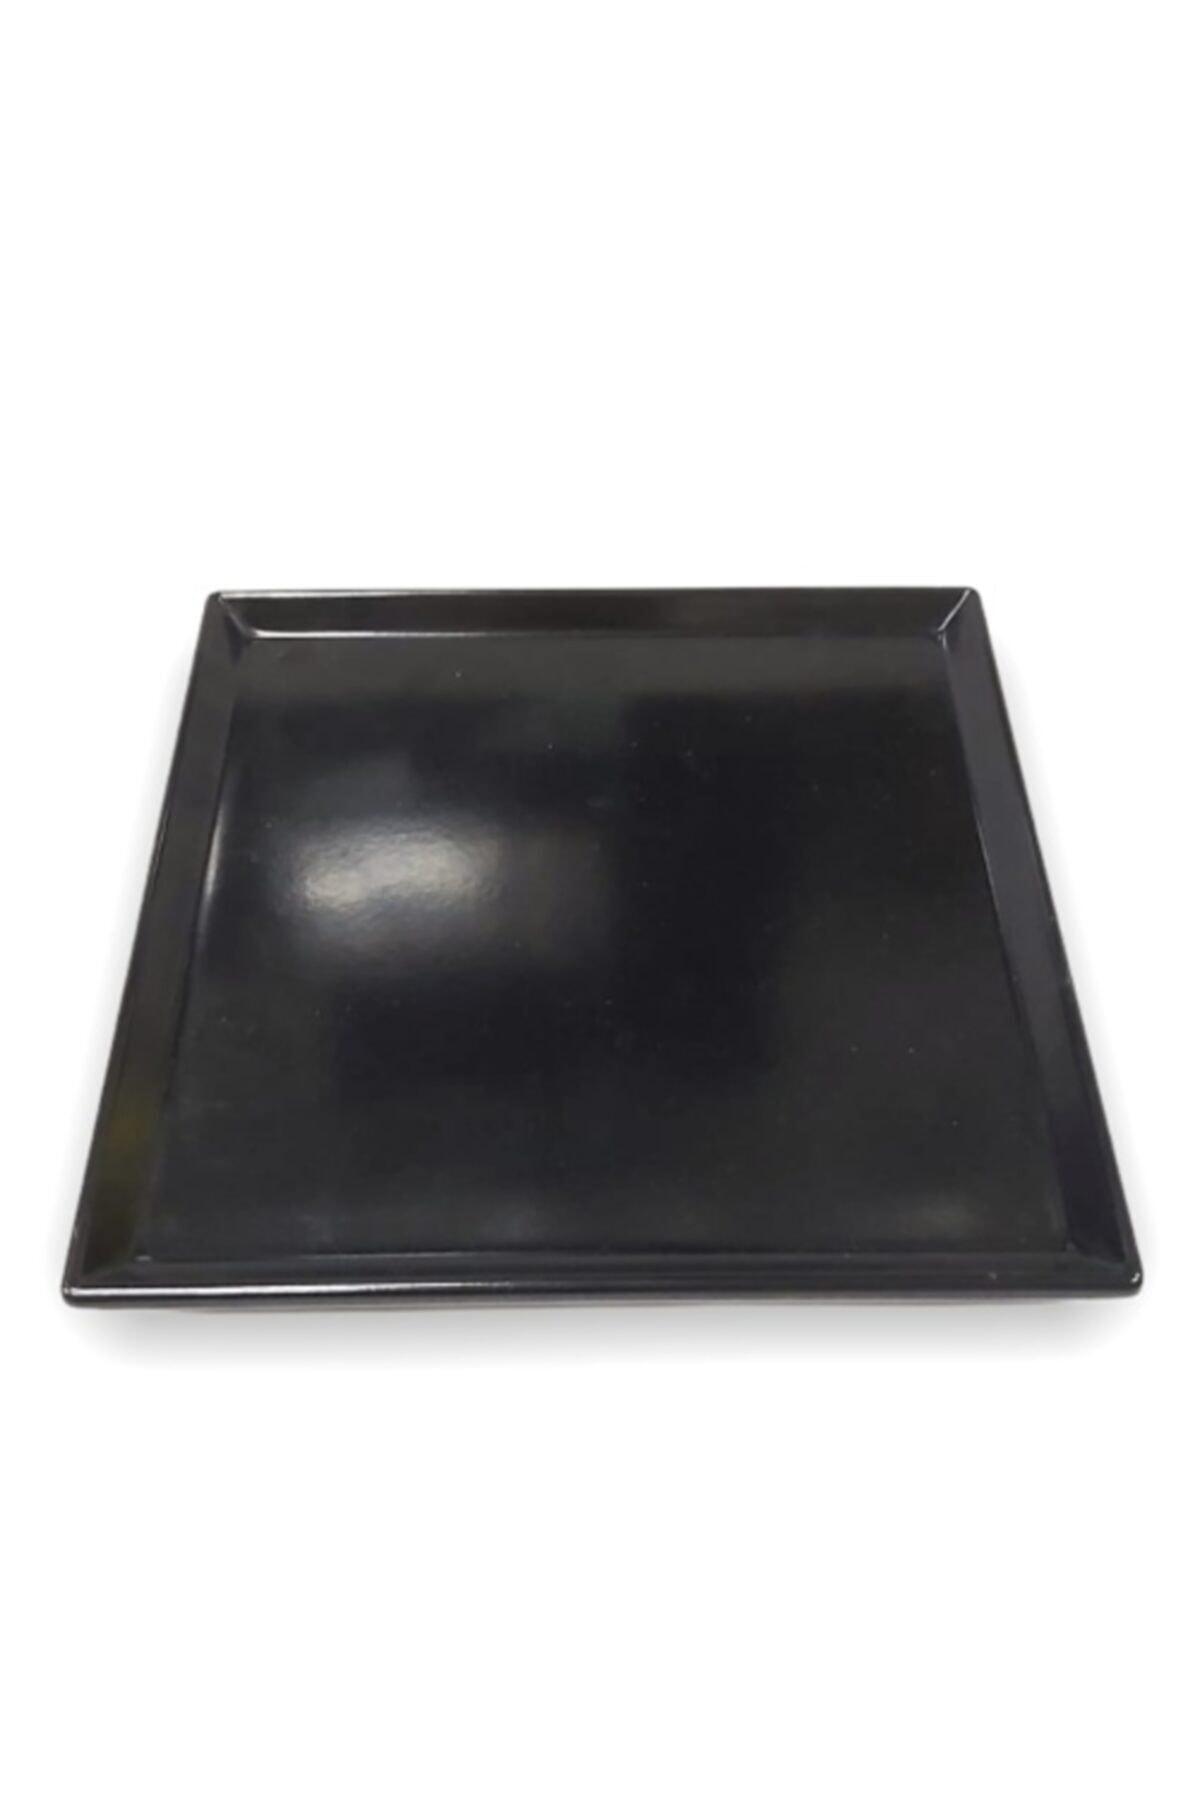 Evren 20*20cm Siyah Sunum Tabağı Thermo Melamin 1